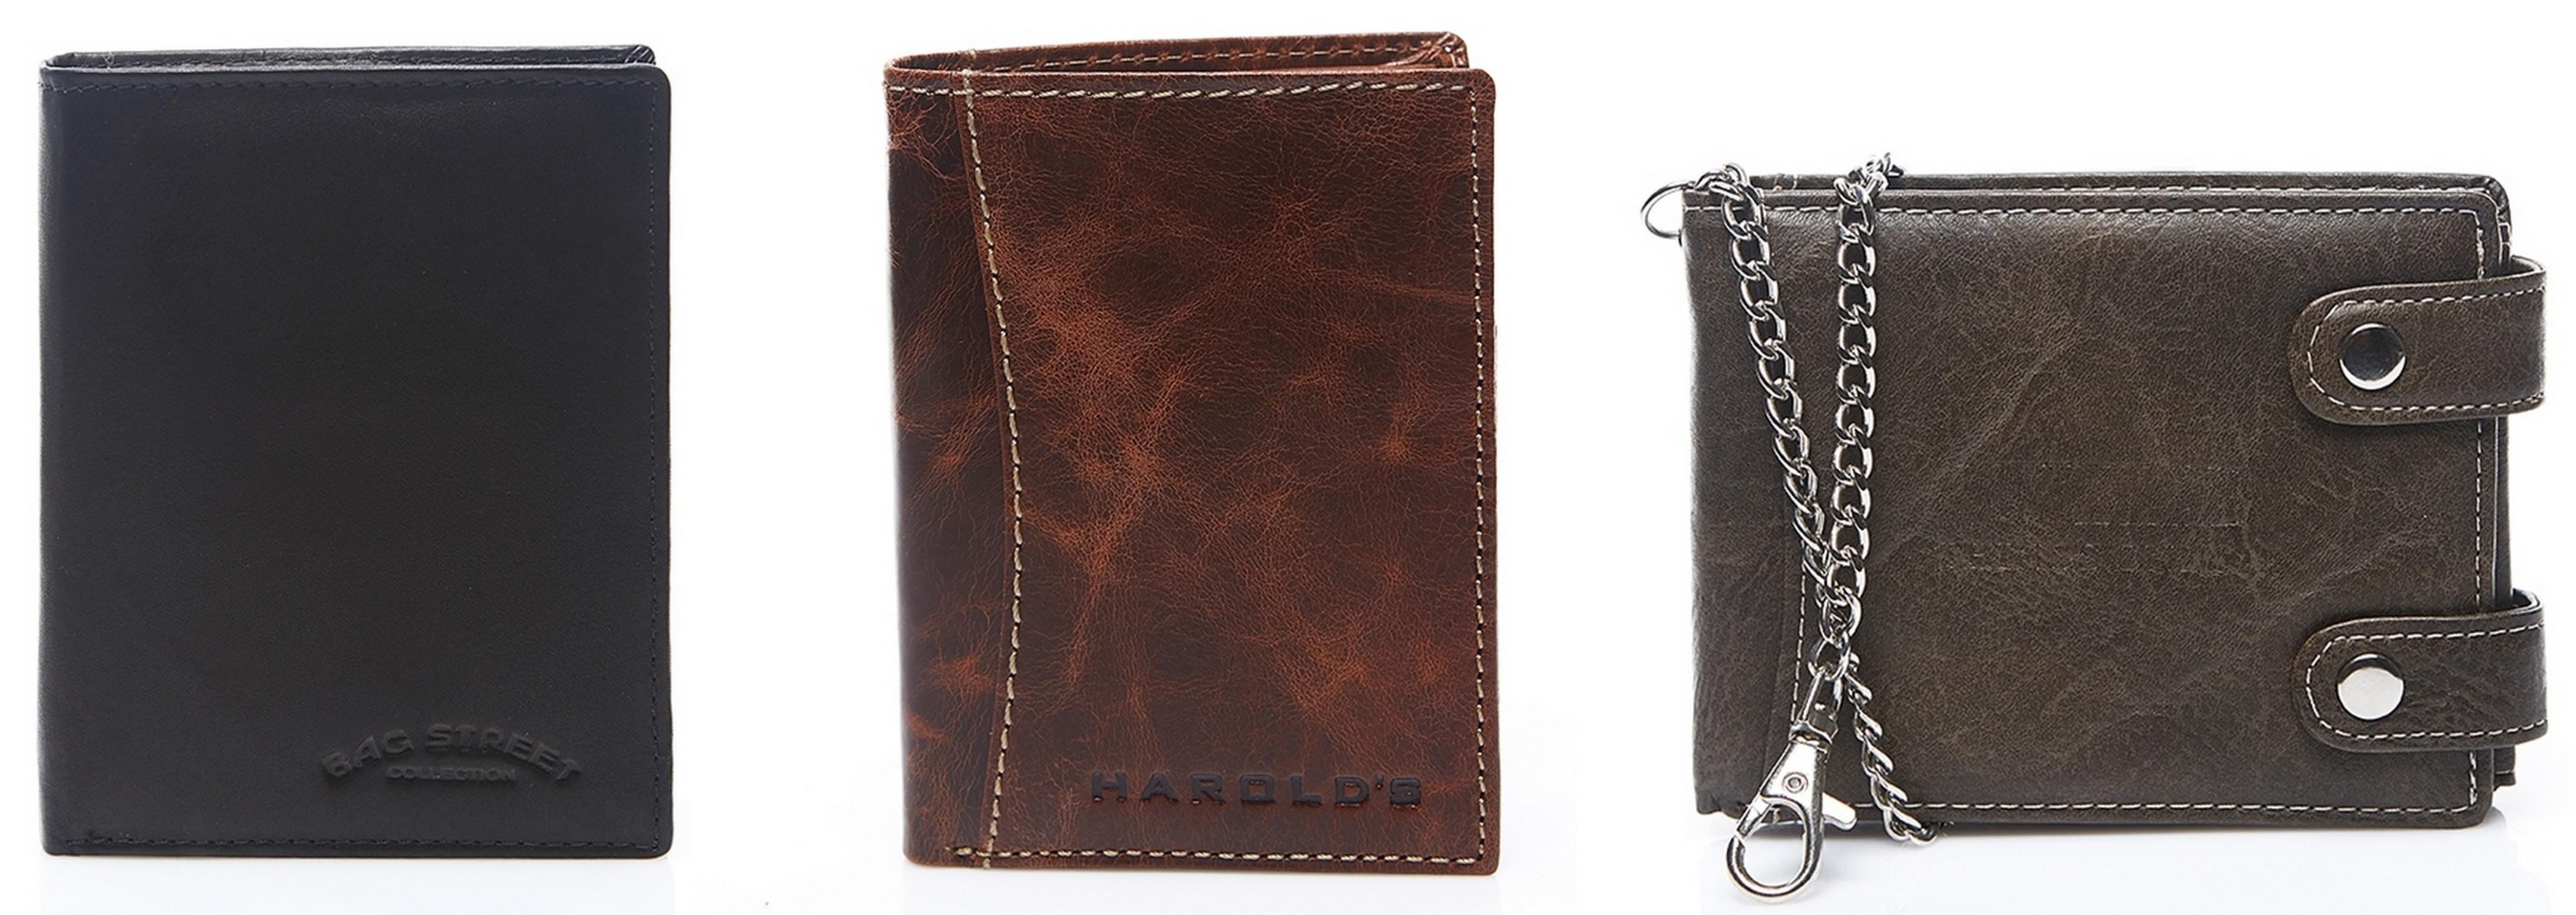 tanie skórzane portfele męskie